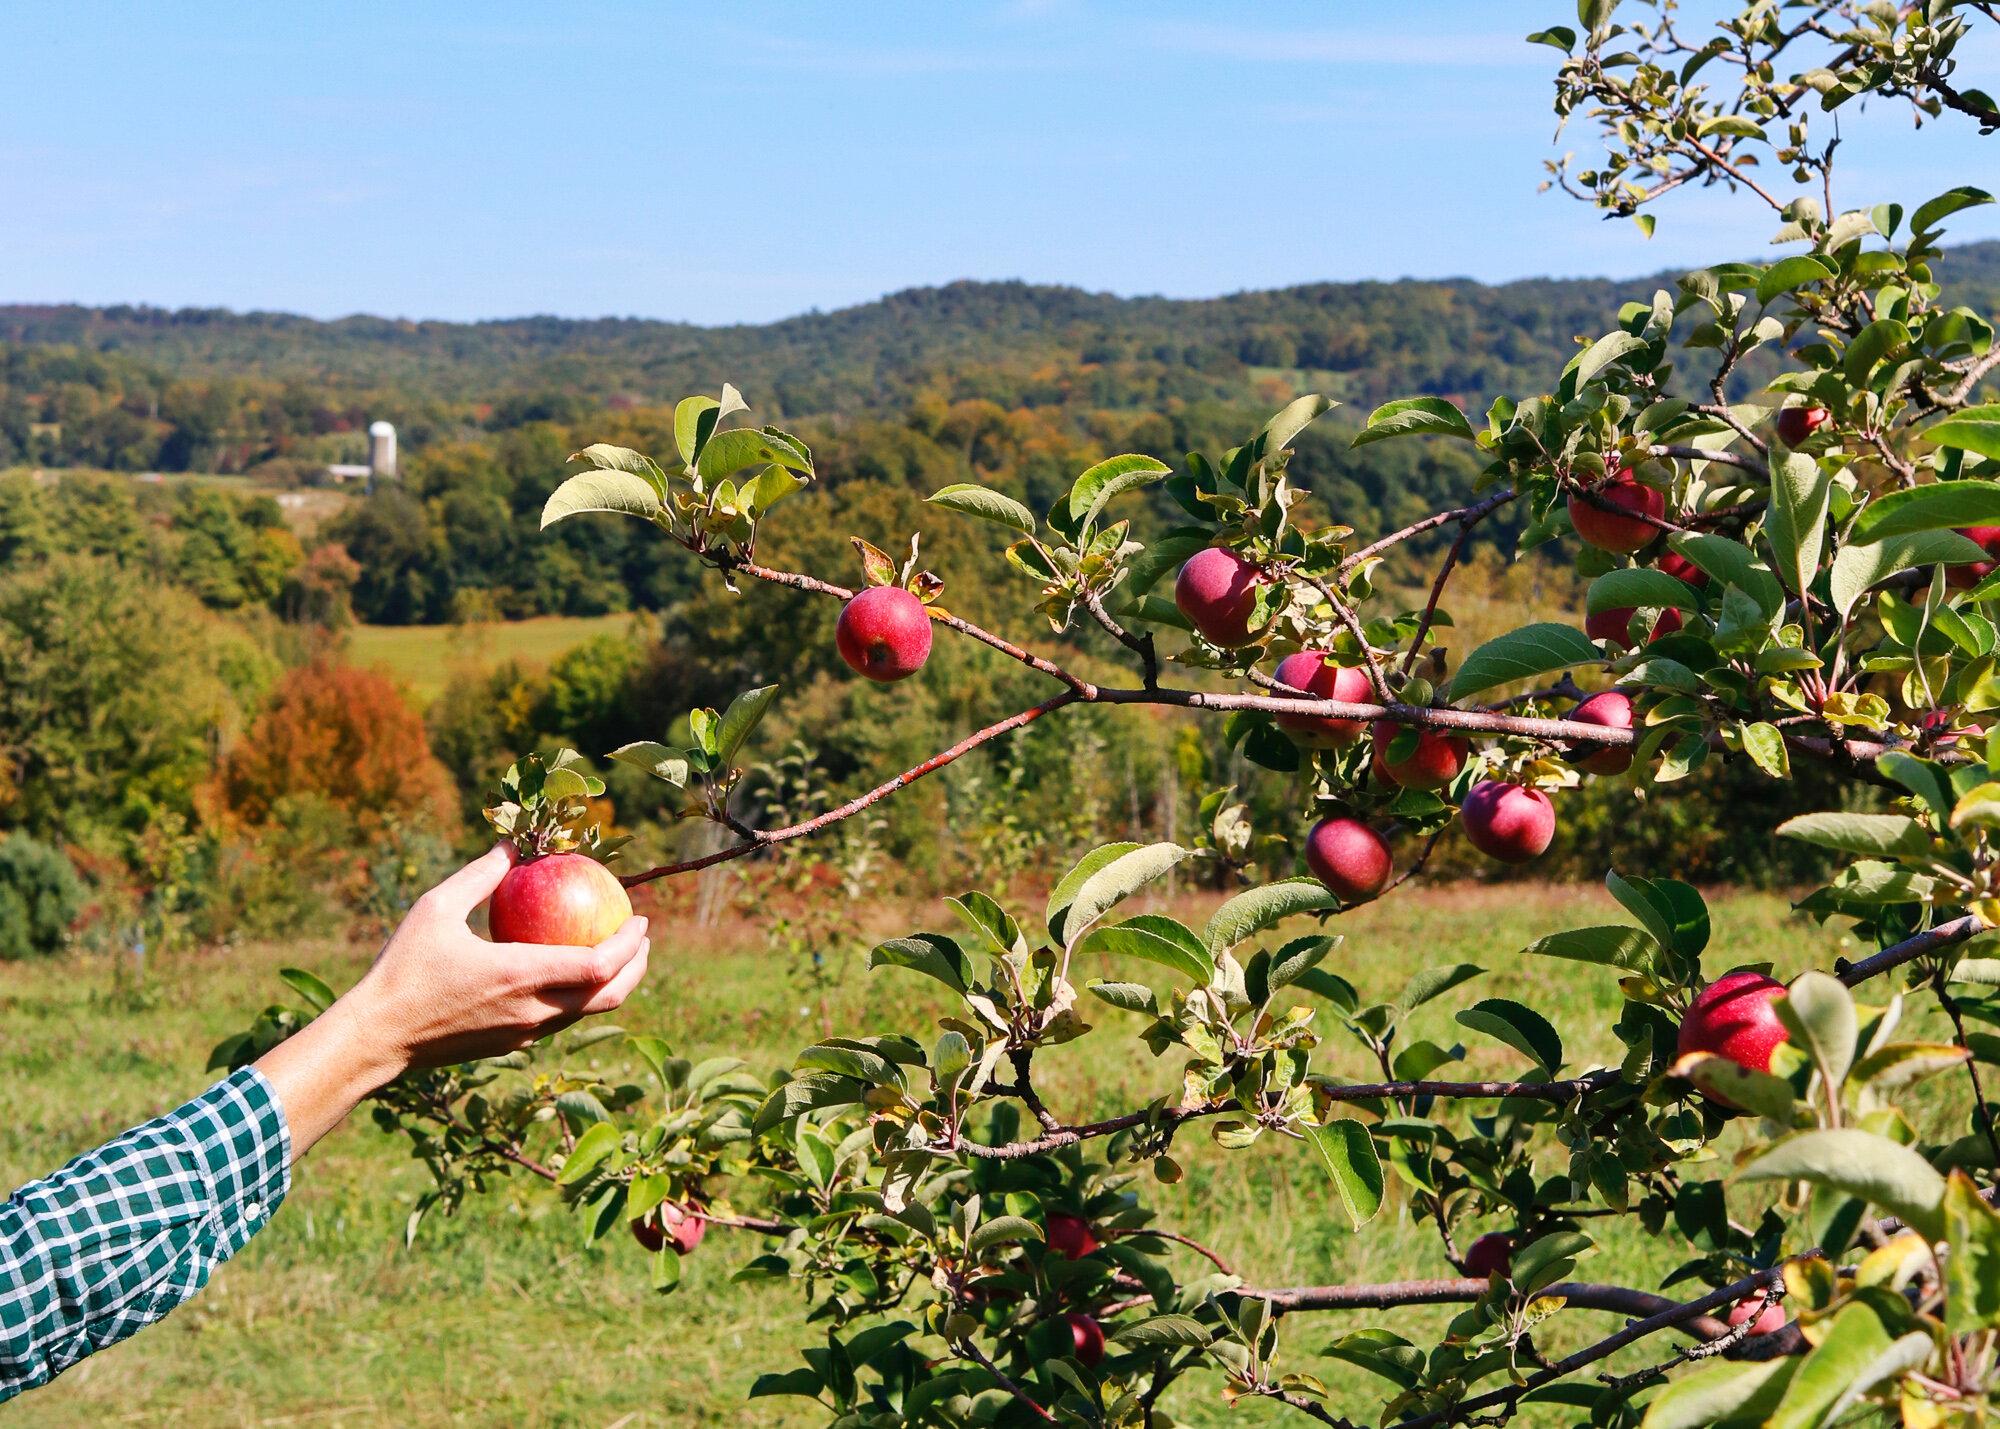 Apple Picking in Washington County, NY, Saratoga County, NY and Vermont